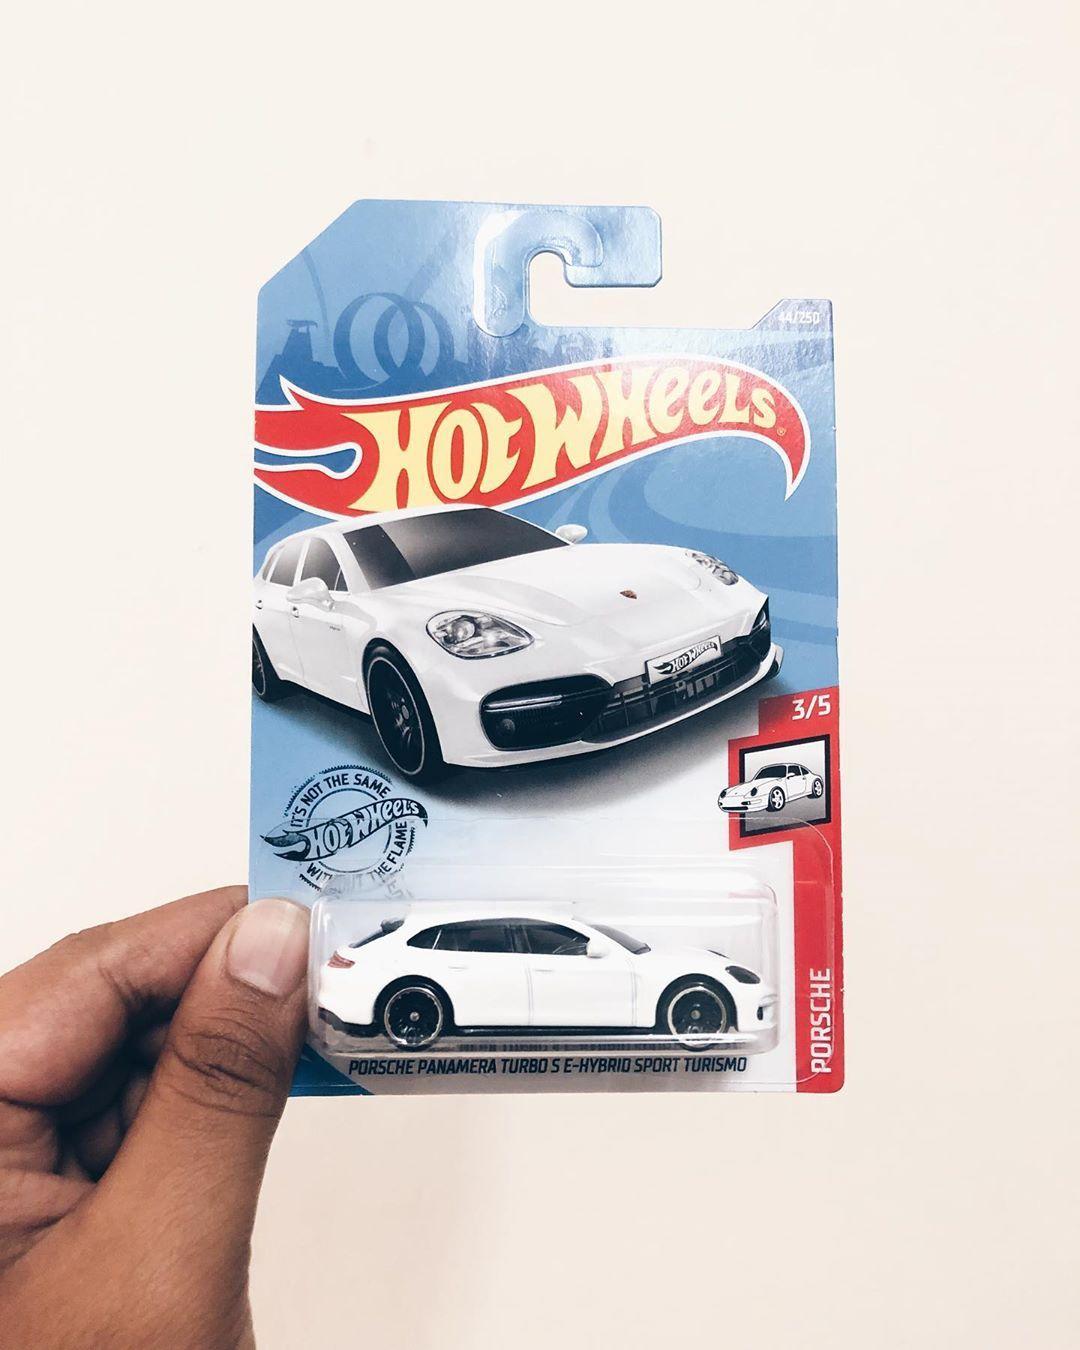 Hot Wheels® Porsche Panamera Turbo S E-Hybrid Sport Turismo . . . . . #hotwheels #diecast #hotwheelscollector #hotwheelsindonesia #diecastcars #matchbox #hotwheelspics #hotwheelsmalaysia #hotwheelskualalumpur #hotwheelscollection #hotwheelspics #hotwheelscollectors #diecastindonesia #diecastcollector #hotwheelsjakarta #diecastmalaysia #scale #hotwheelscollection #hotwheelsdaily #toys #speedmachines #hotwheelsmania #hotwheelsmalaysia #tomica #diecastphotography #mattel #hotwheelsaddict #hotwheels